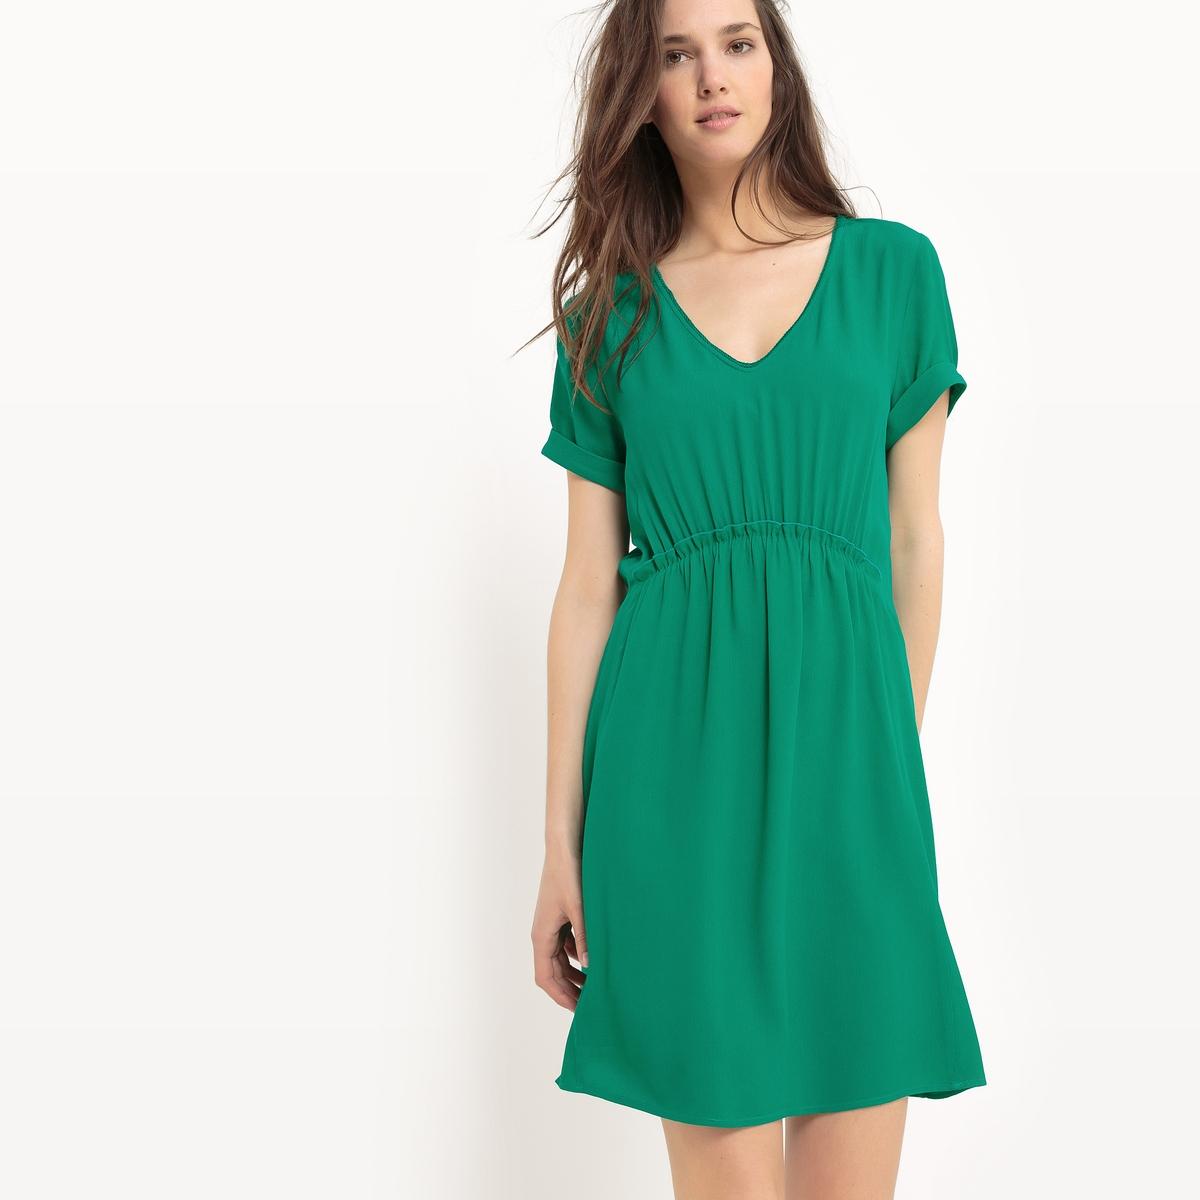 Платье эластичное с короткими рукавамиМатериал : 100% вискоза         Длина рукава : короткие рукава        Особенность пояса : Эластичный пояс        Форма воротника : V-образный вырез        Покрой платья : расклешенное платье        Рисунок : однотонная модель          Длина платья : до колен<br><br>Цвет: зеленый<br>Размер: L.S